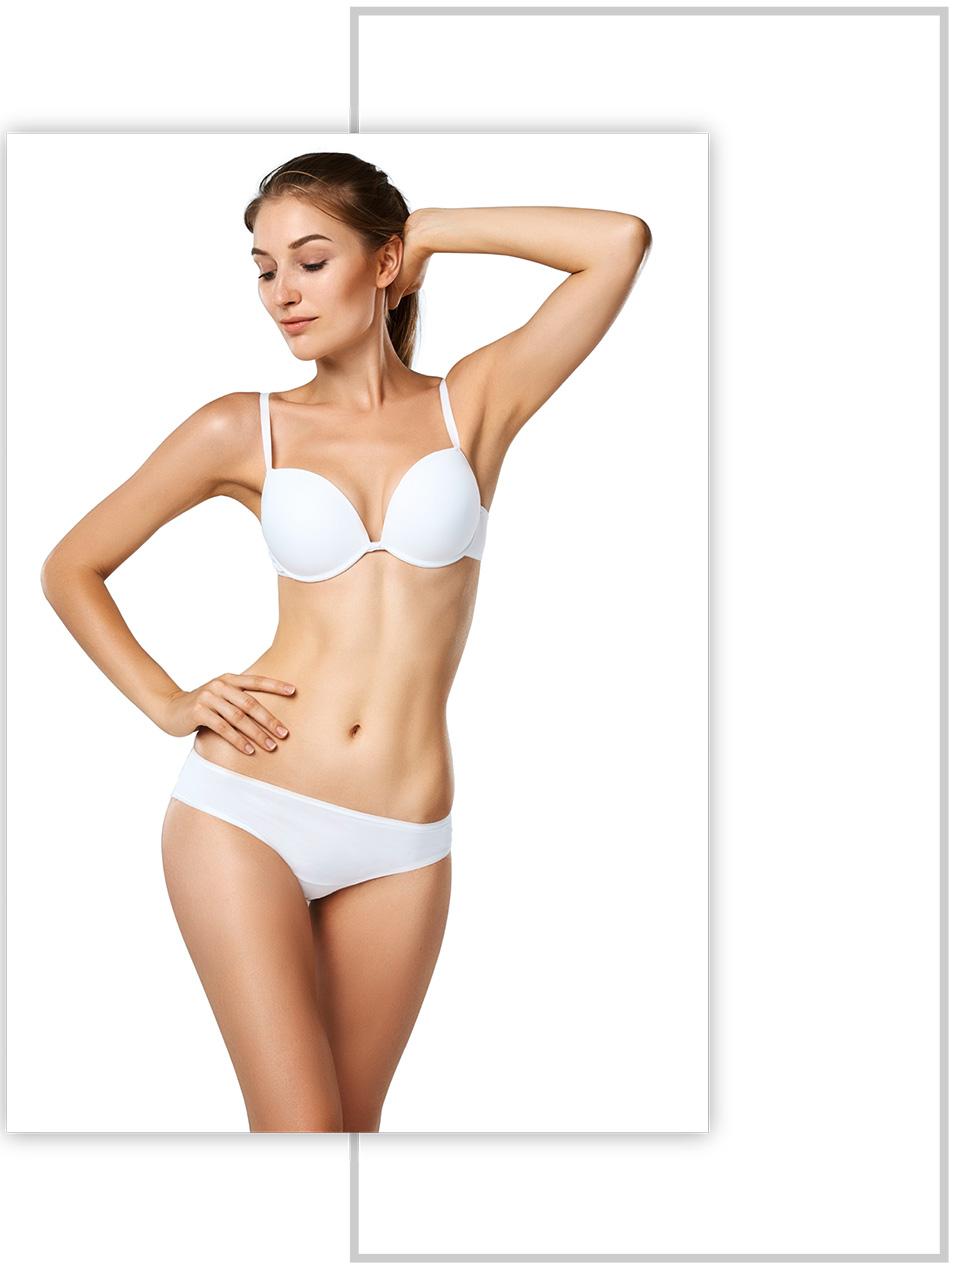 Breast Lift Surgeon Durban